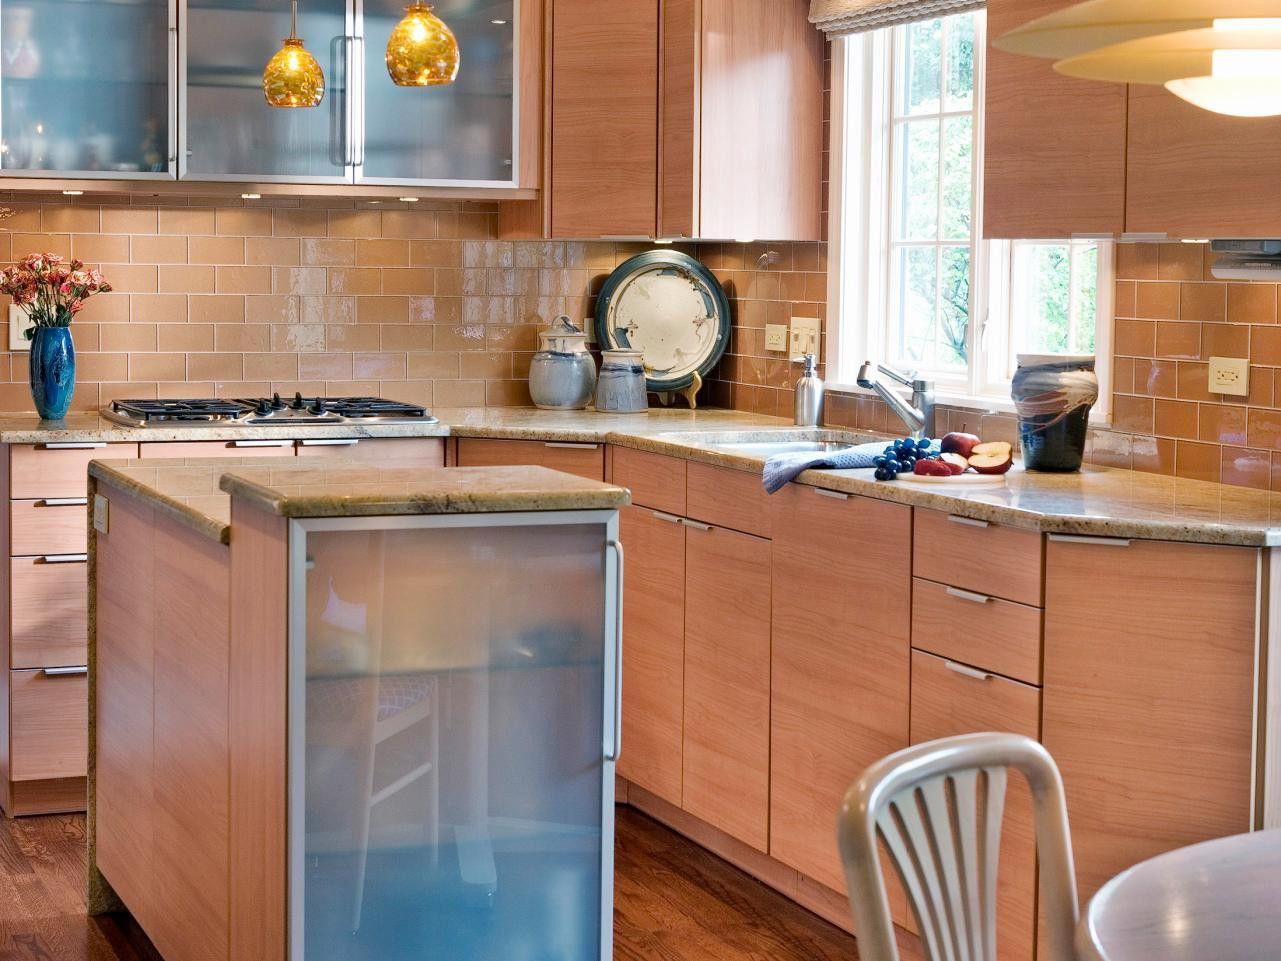 55 European Style Kitchen Cabinet Doors Kitchen Cabinet Inserts